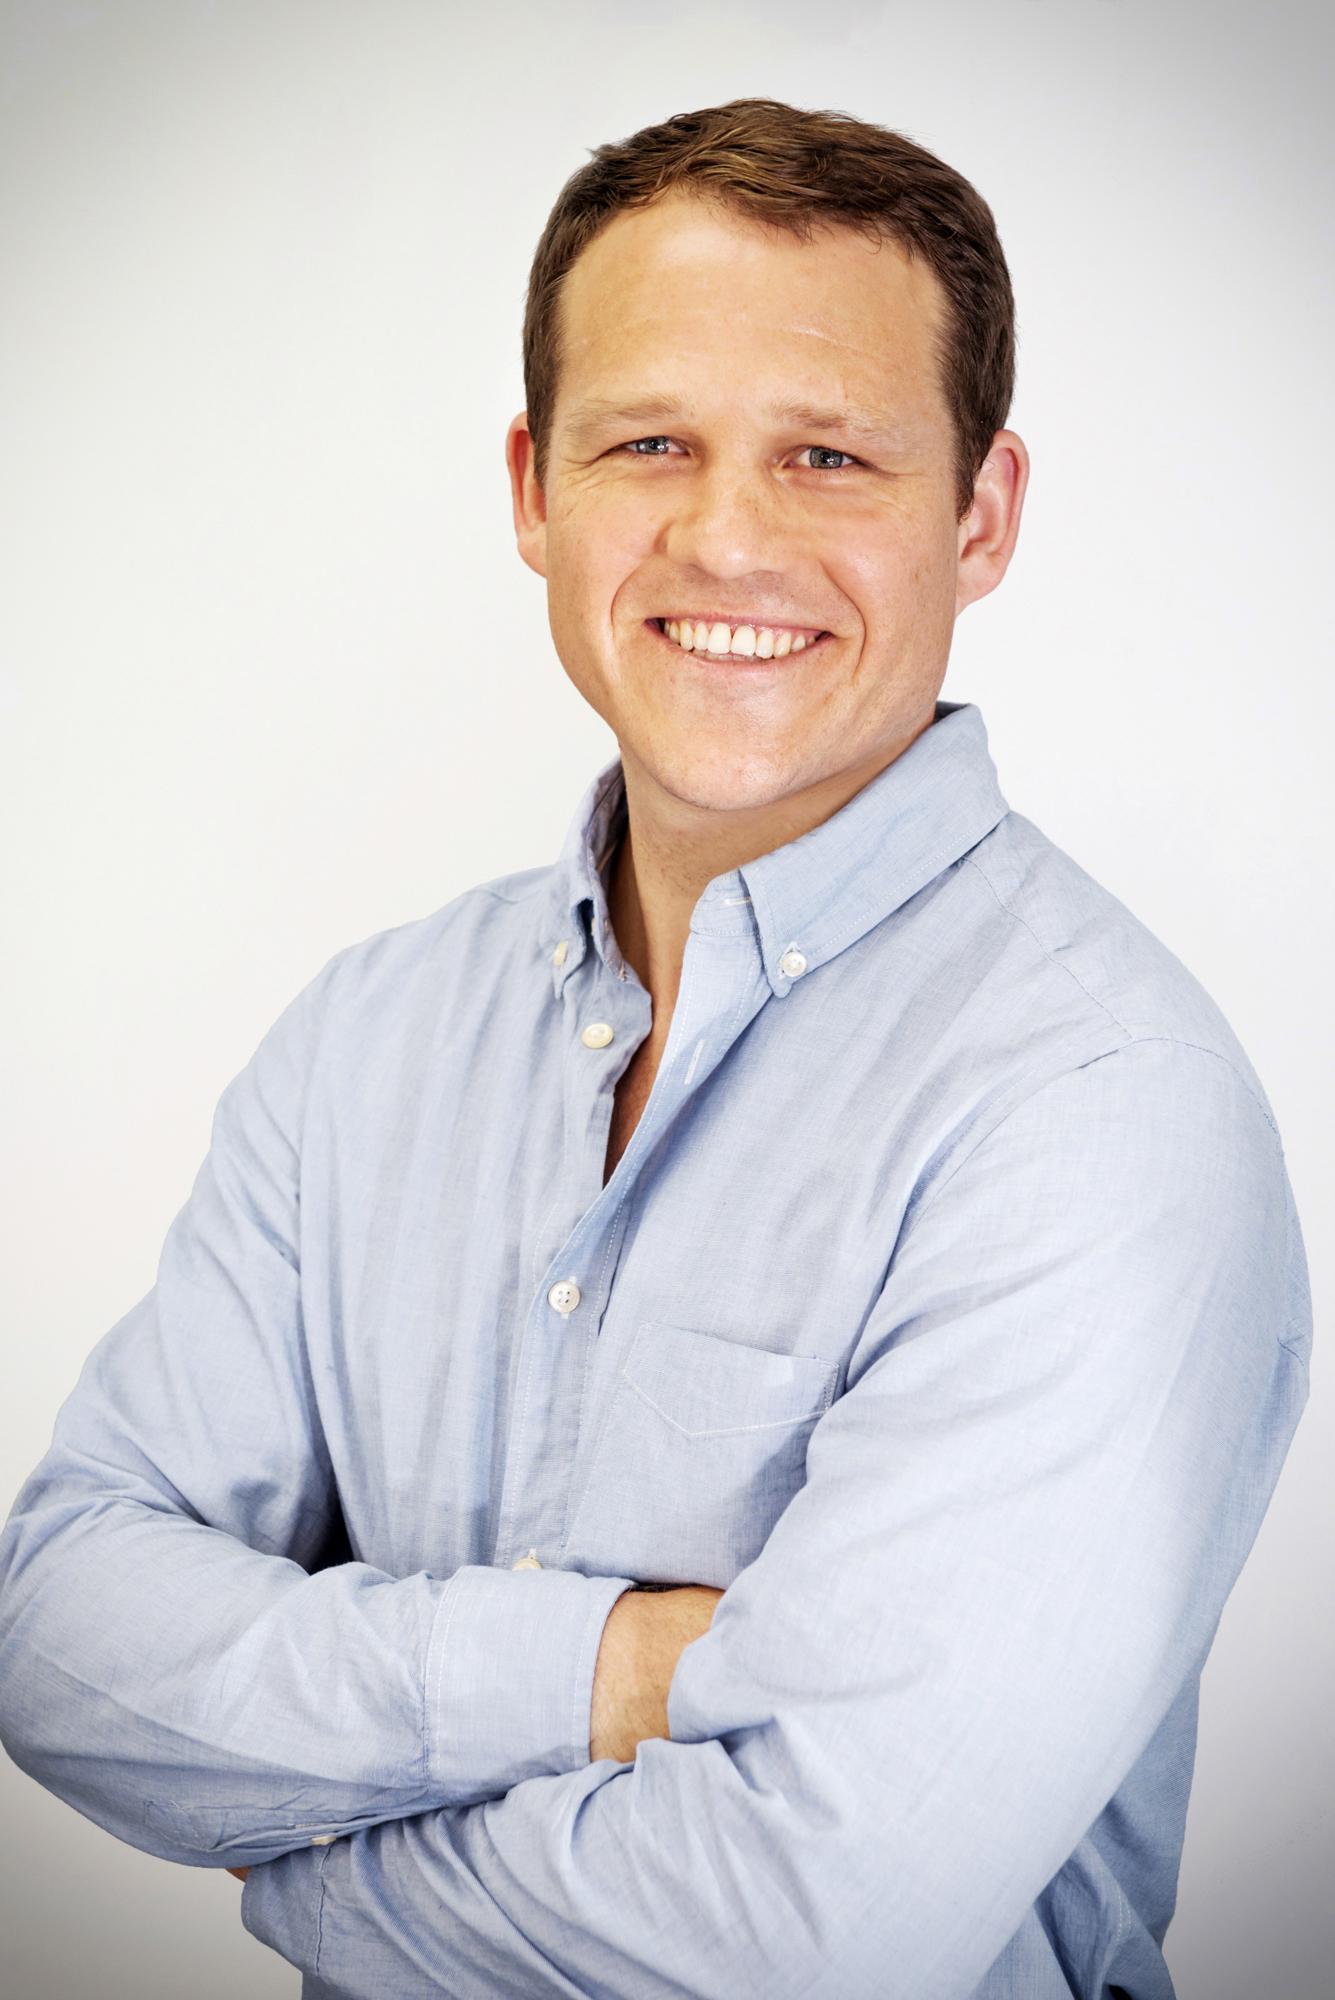 Brayden Visser - Physiotherapist